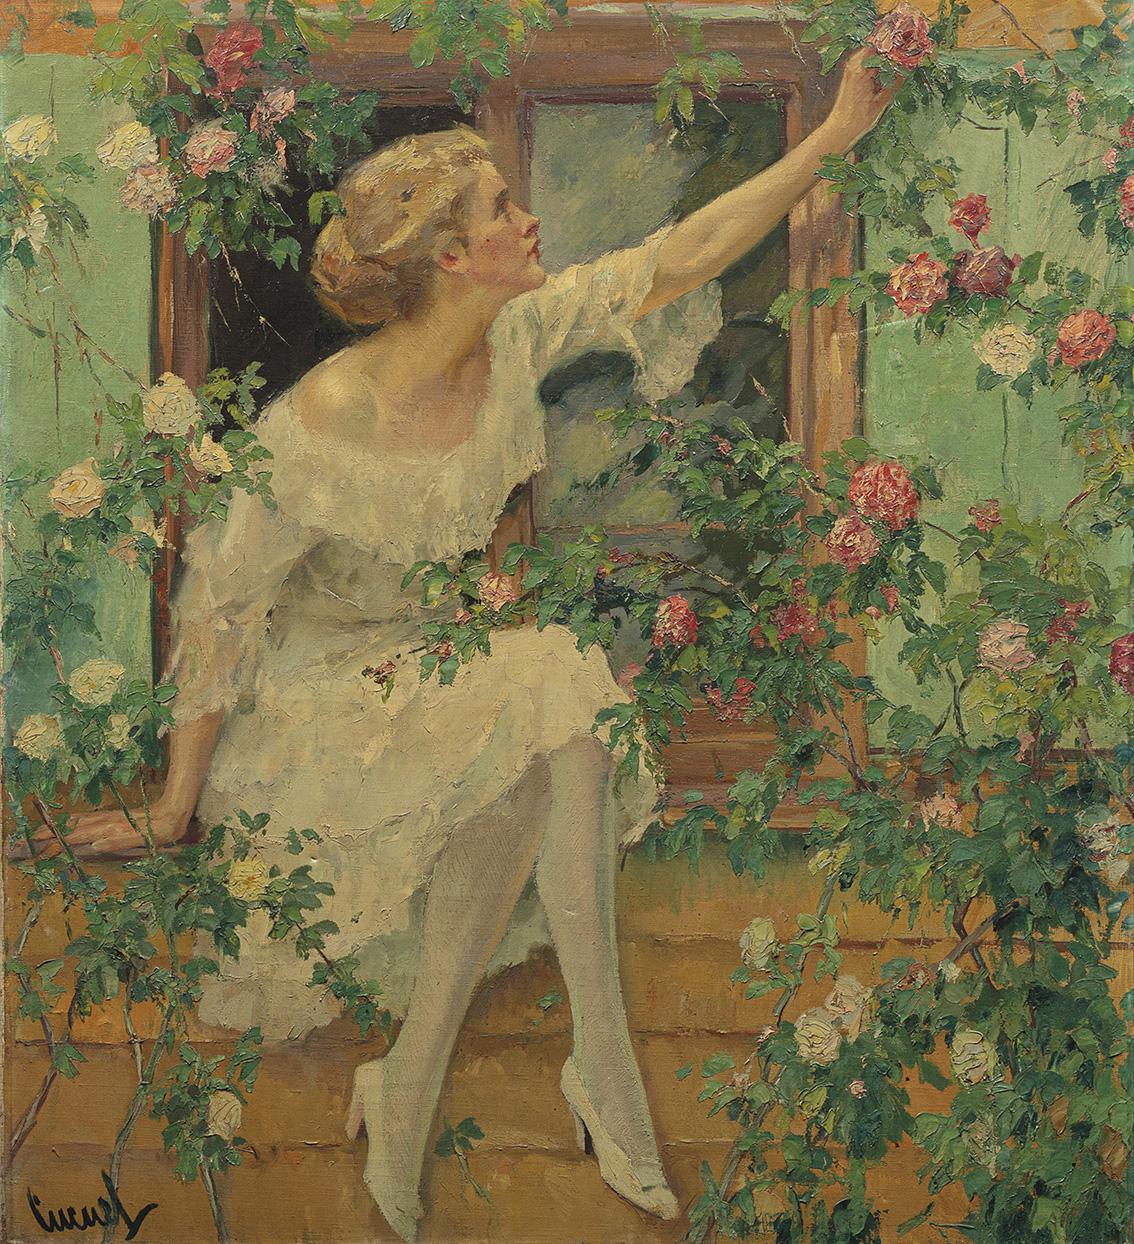 Edward Cucuel(1875-1945), Wild Roses, huile sur toile, 100x90cm. Adjugé: 135200€